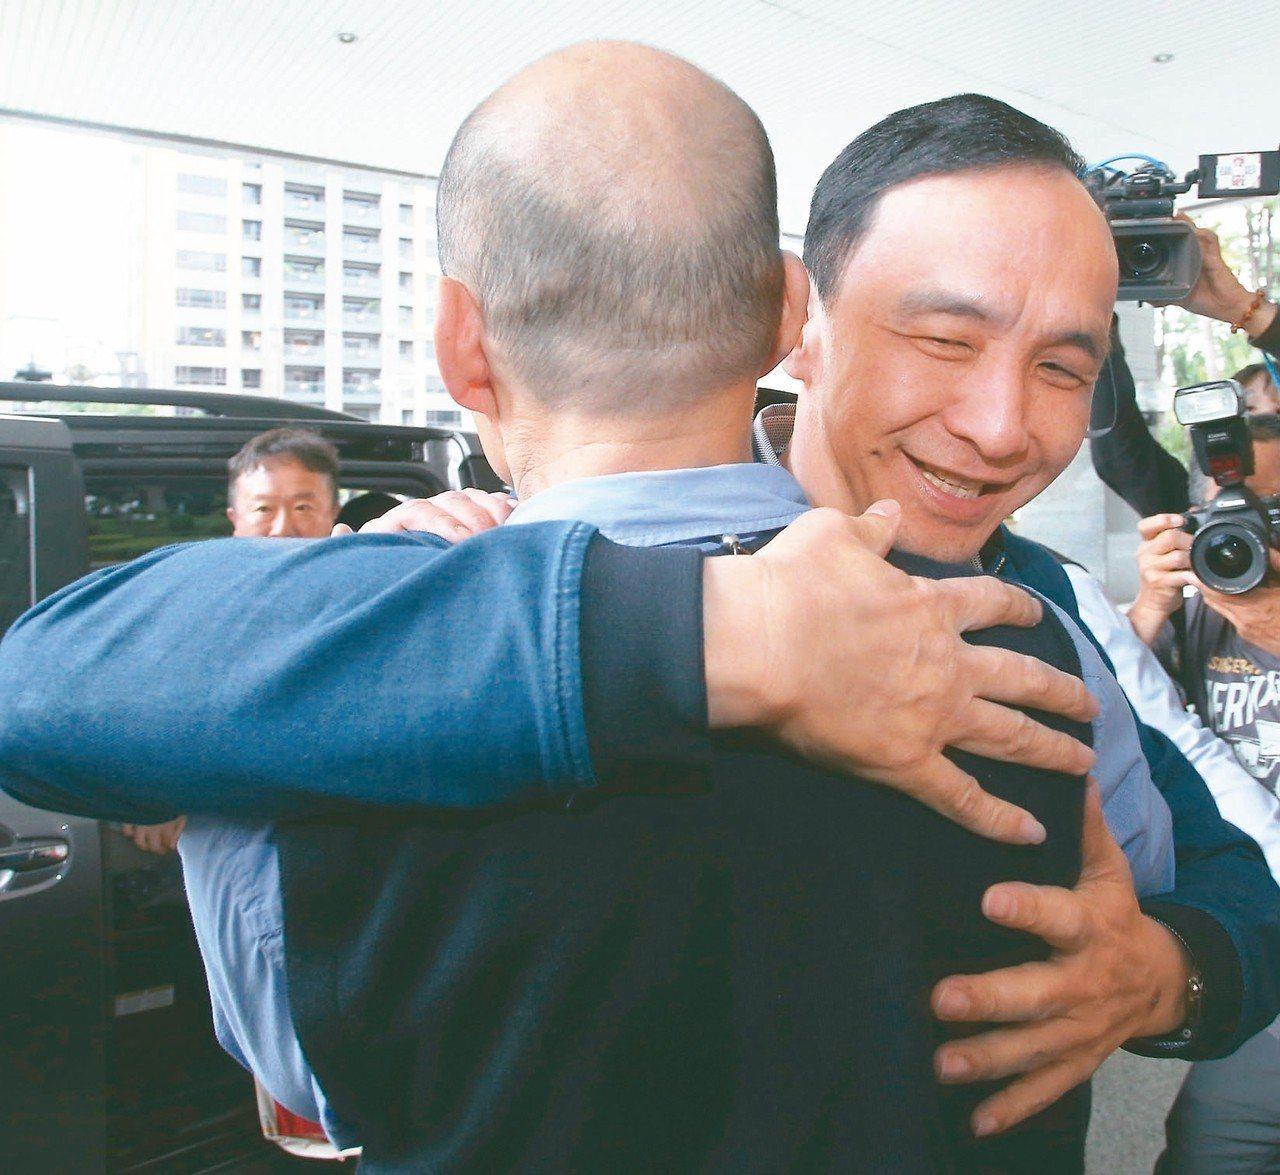 新北市前市長朱立倫(右)昨天南下拜會高雄市長韓國瑜(左),朱立倫特地給韓國瑜一個...